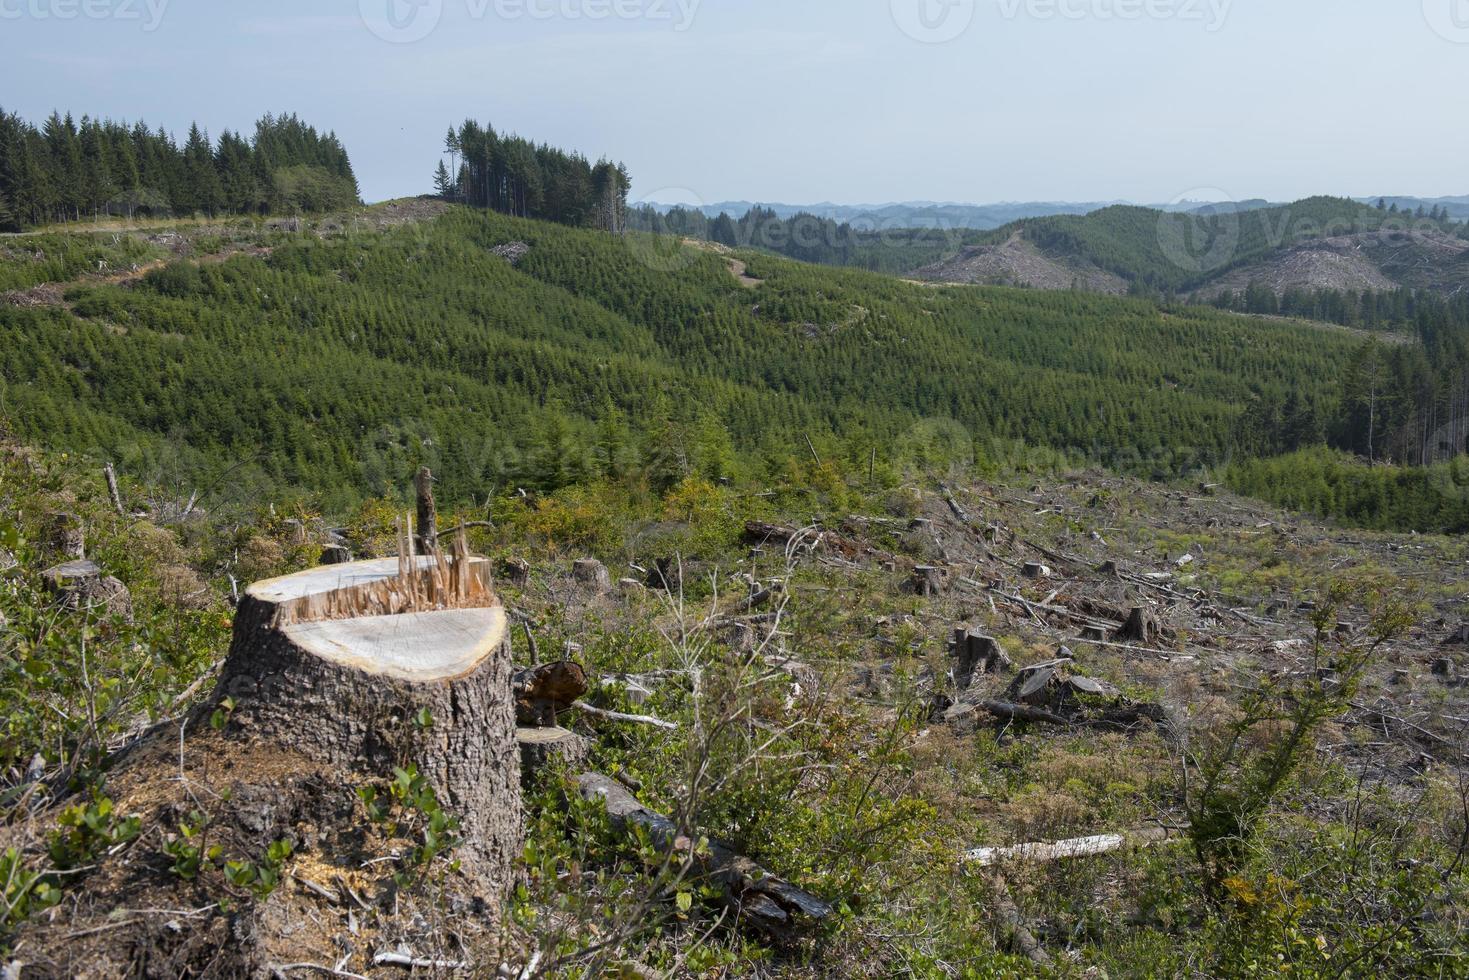 Abholzung, Anzeichen von Wiederaufforstung foto